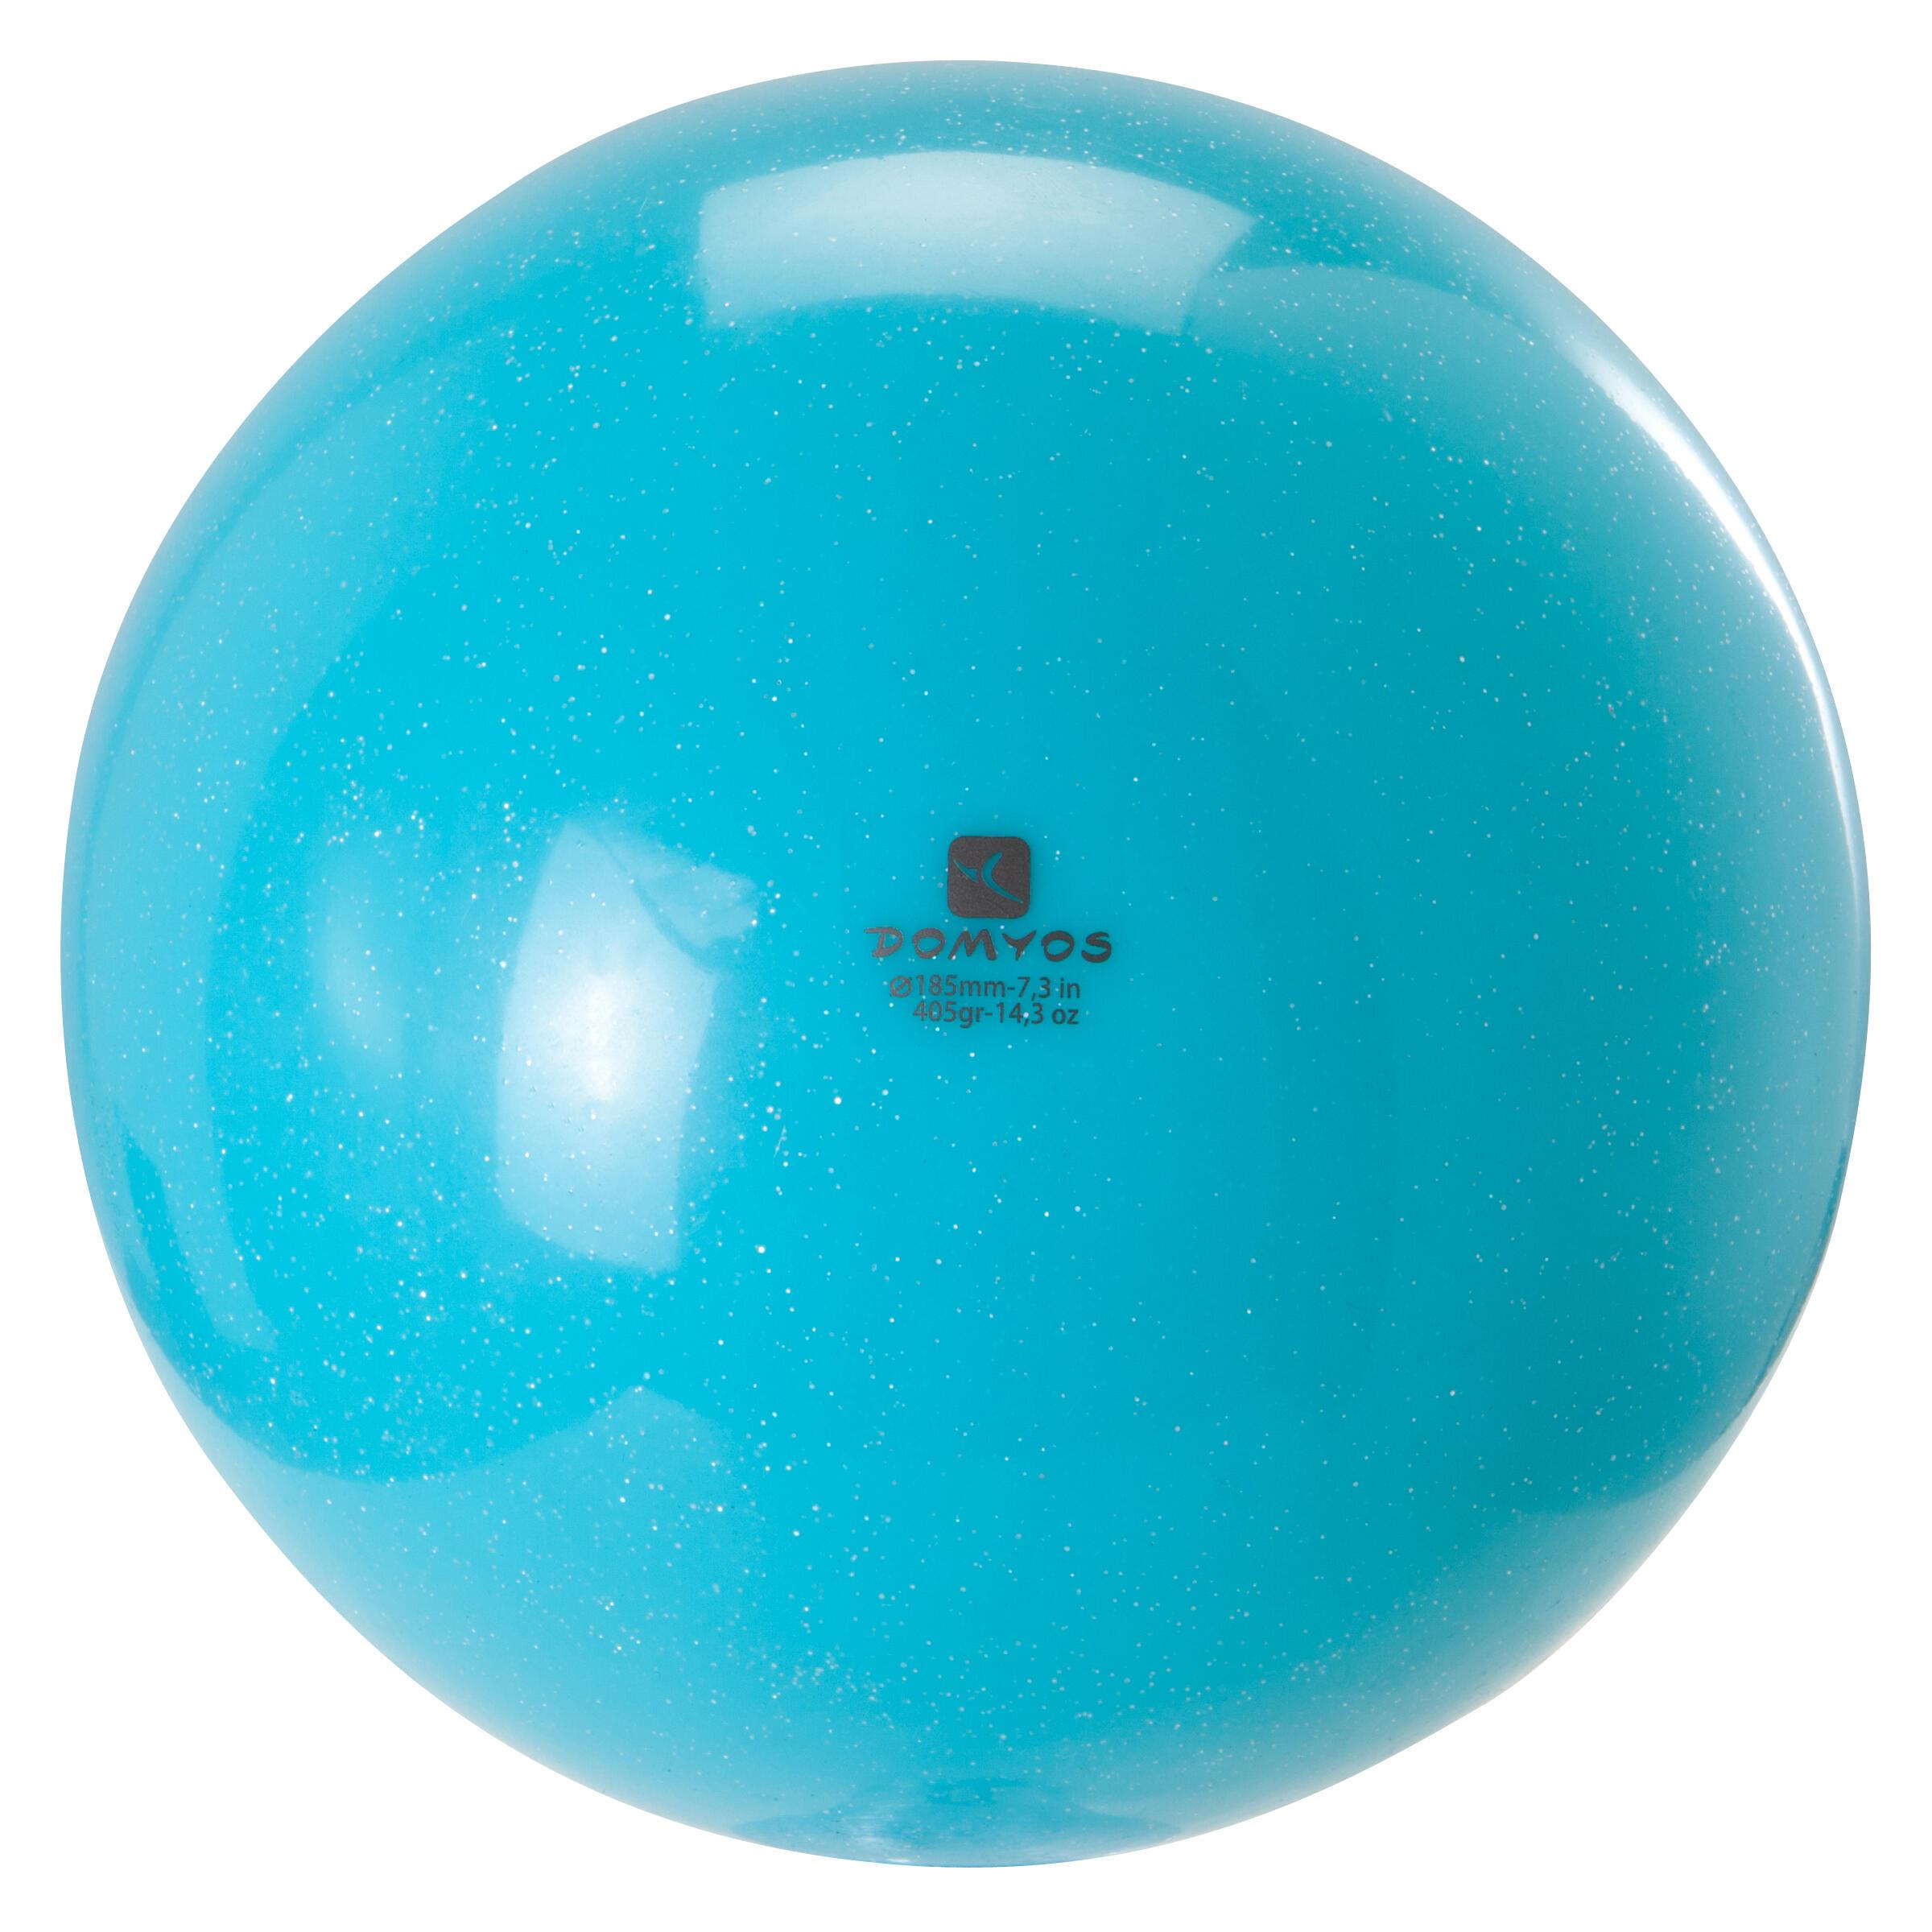 Domyos Bal voor ritmische gymnastiek 185 mm lovertjes